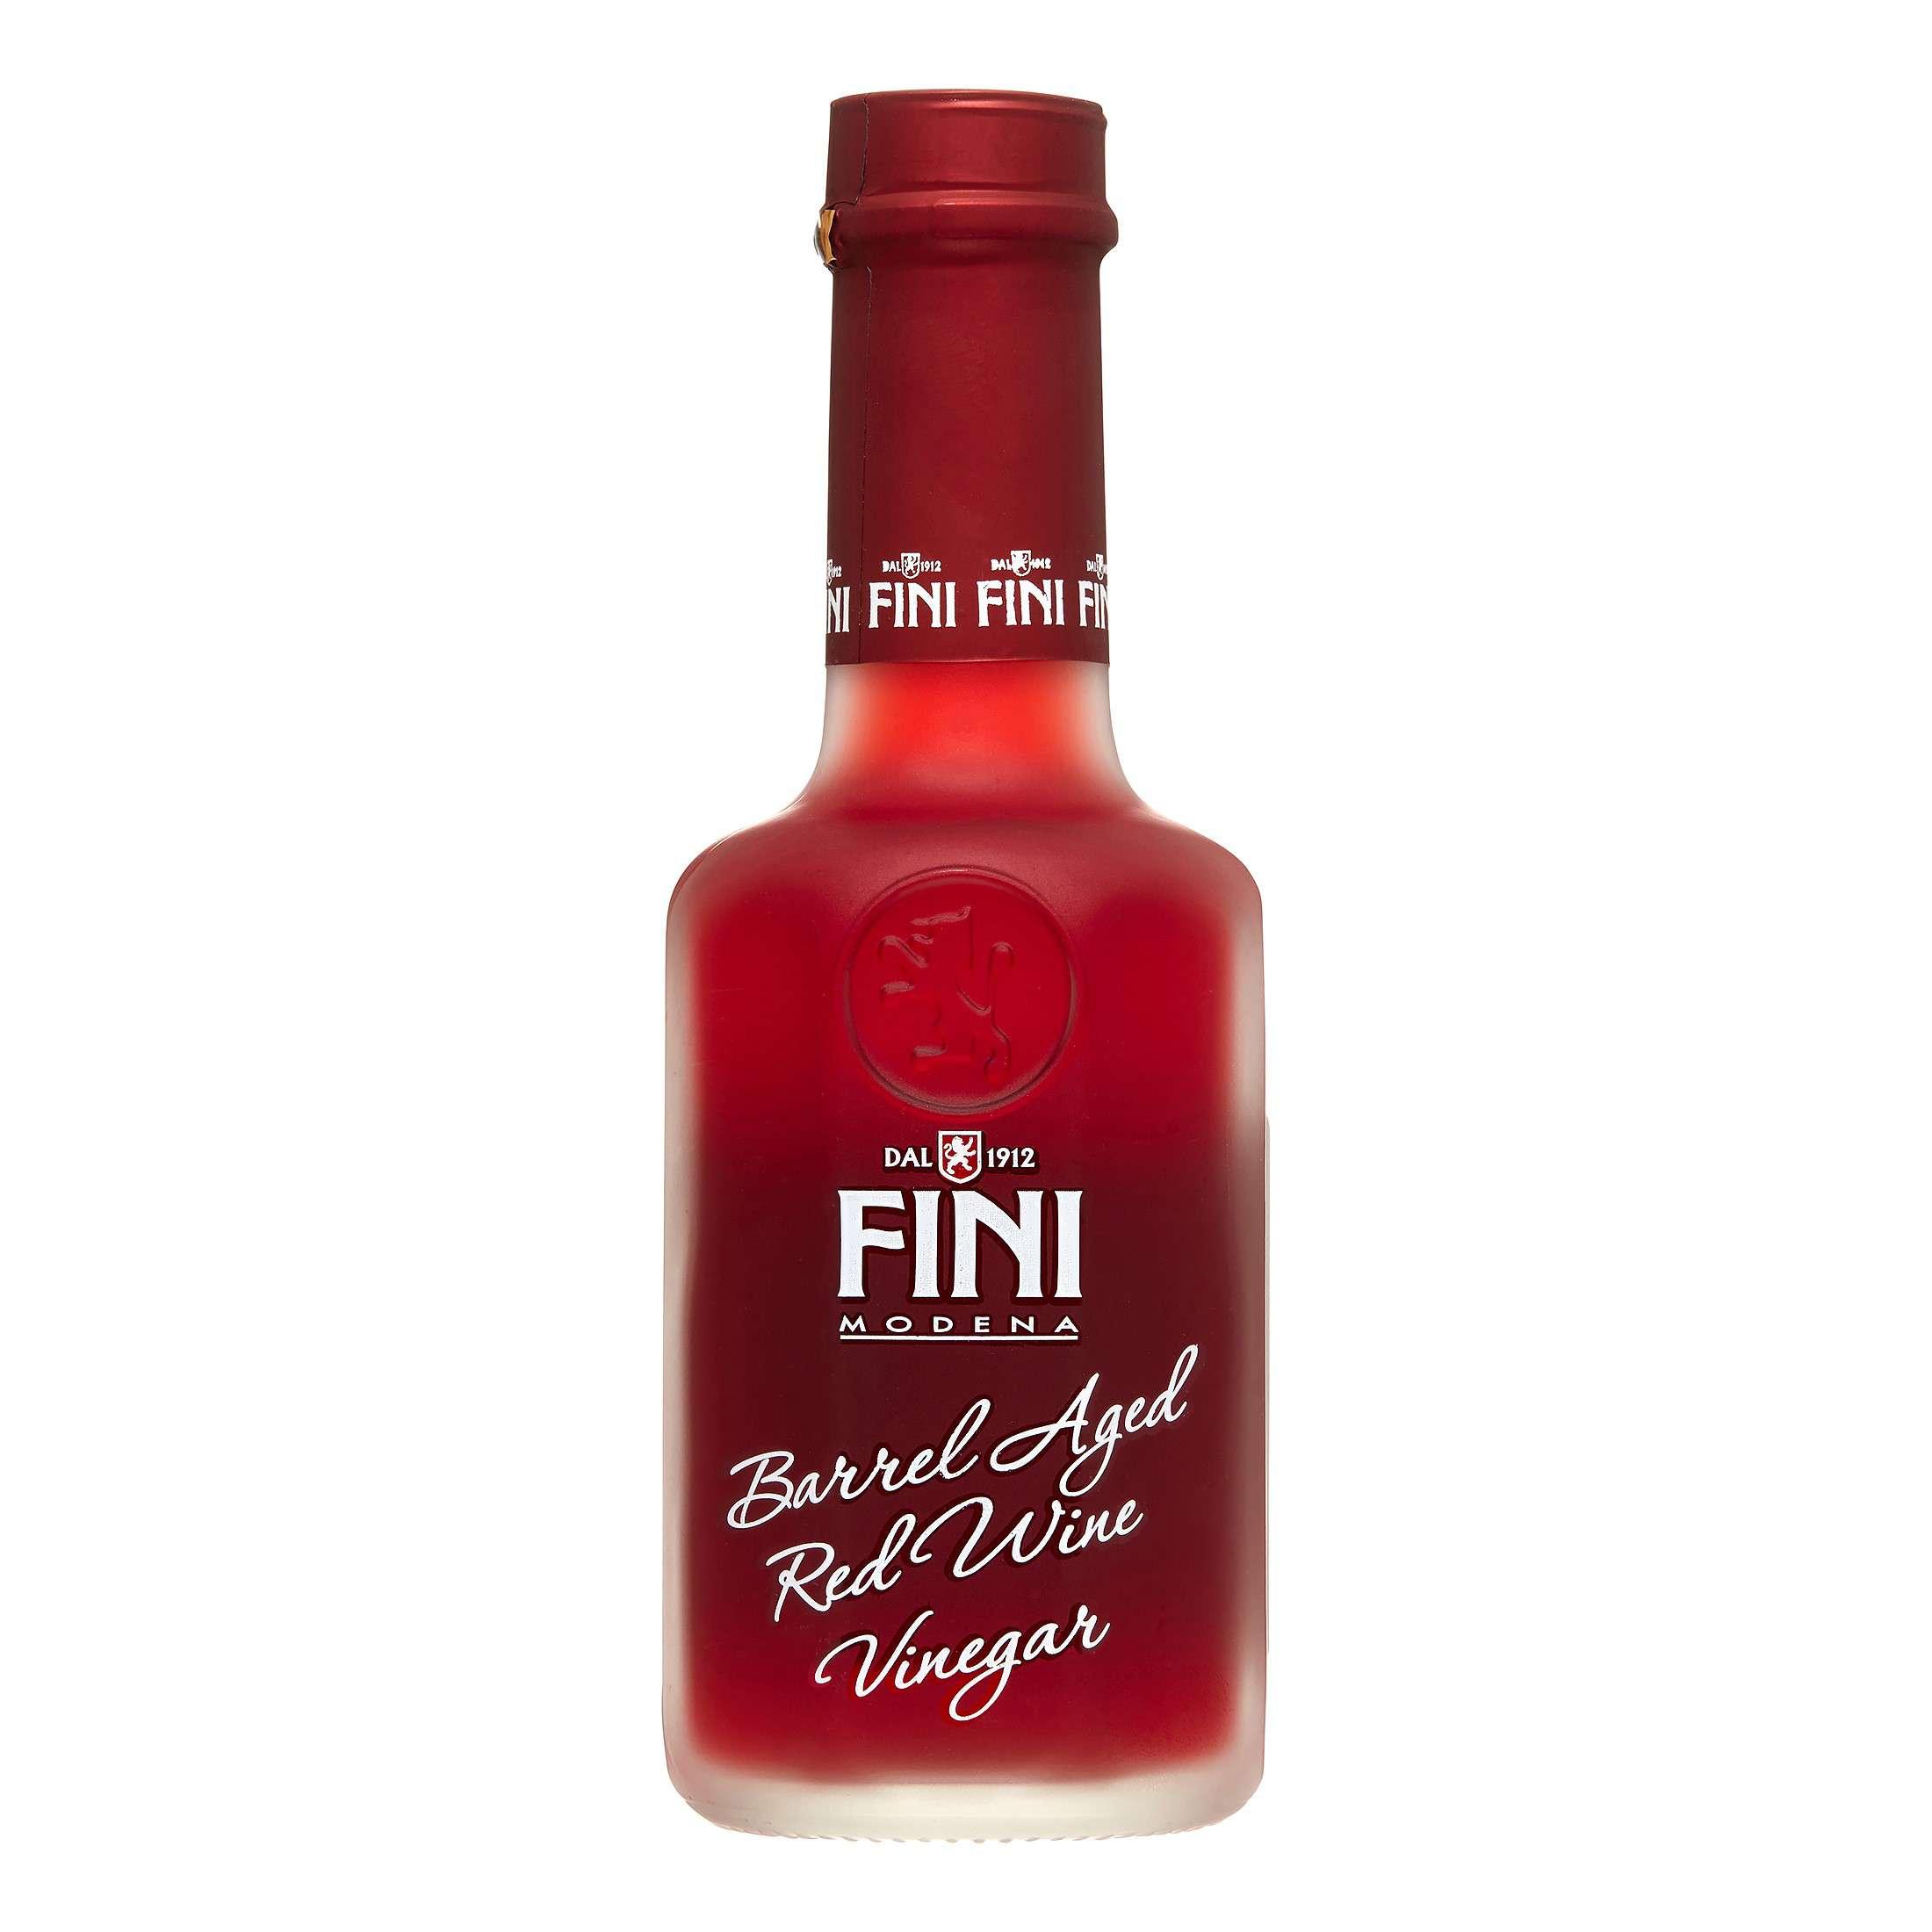 Fini Red Wine Vinegar